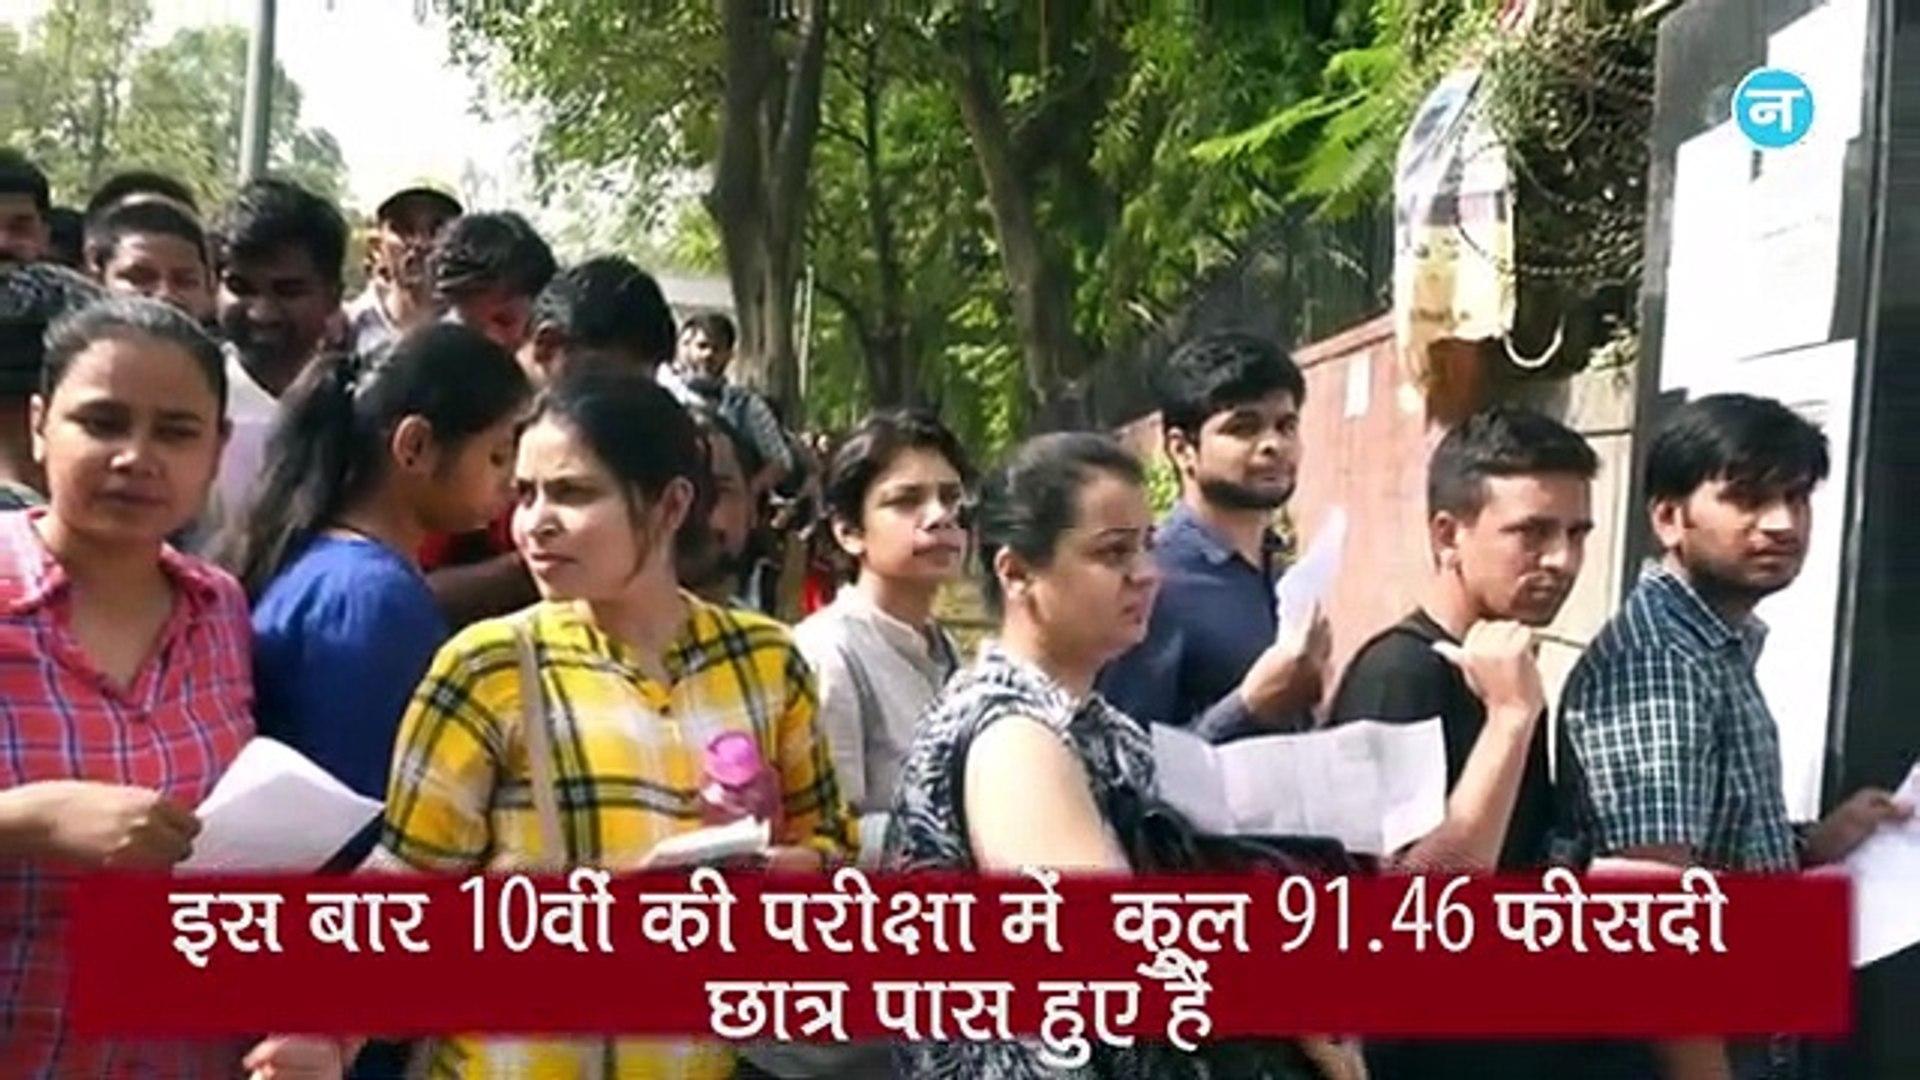 CBSE 10वीं के नतीजे घोषित और Corona से लड़ाई में लापरवाही पर Priyanka Gandhi ने योगी को घेरा